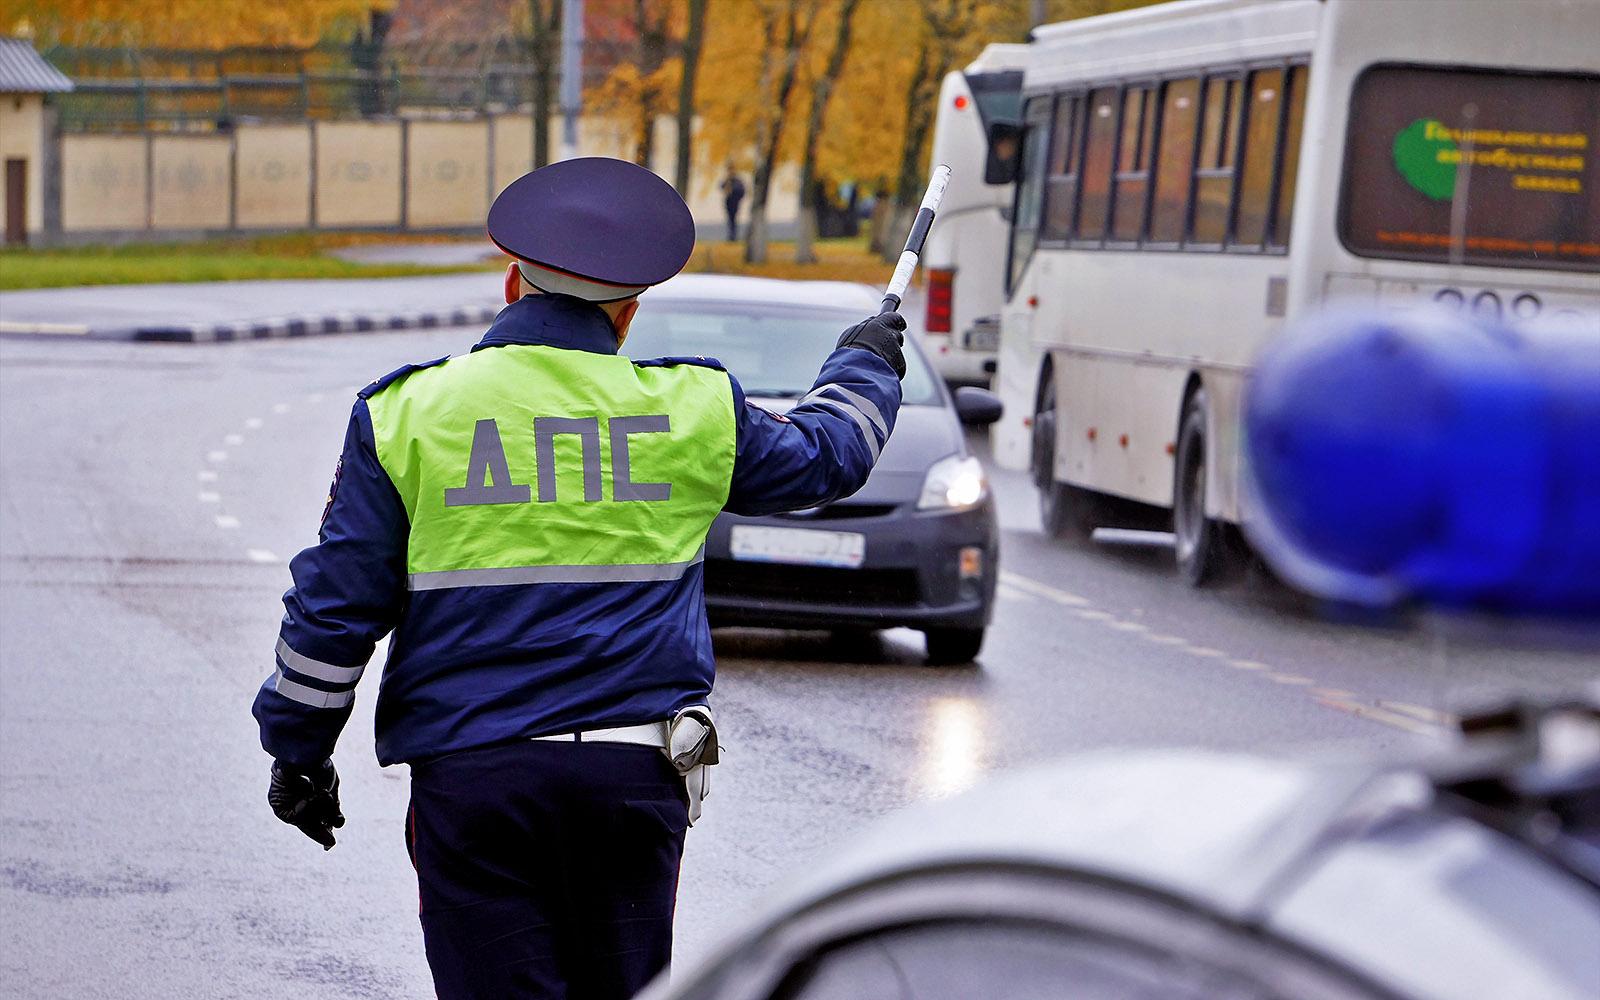 МВД РФ анонсировал проект новых Правил дорожного движения